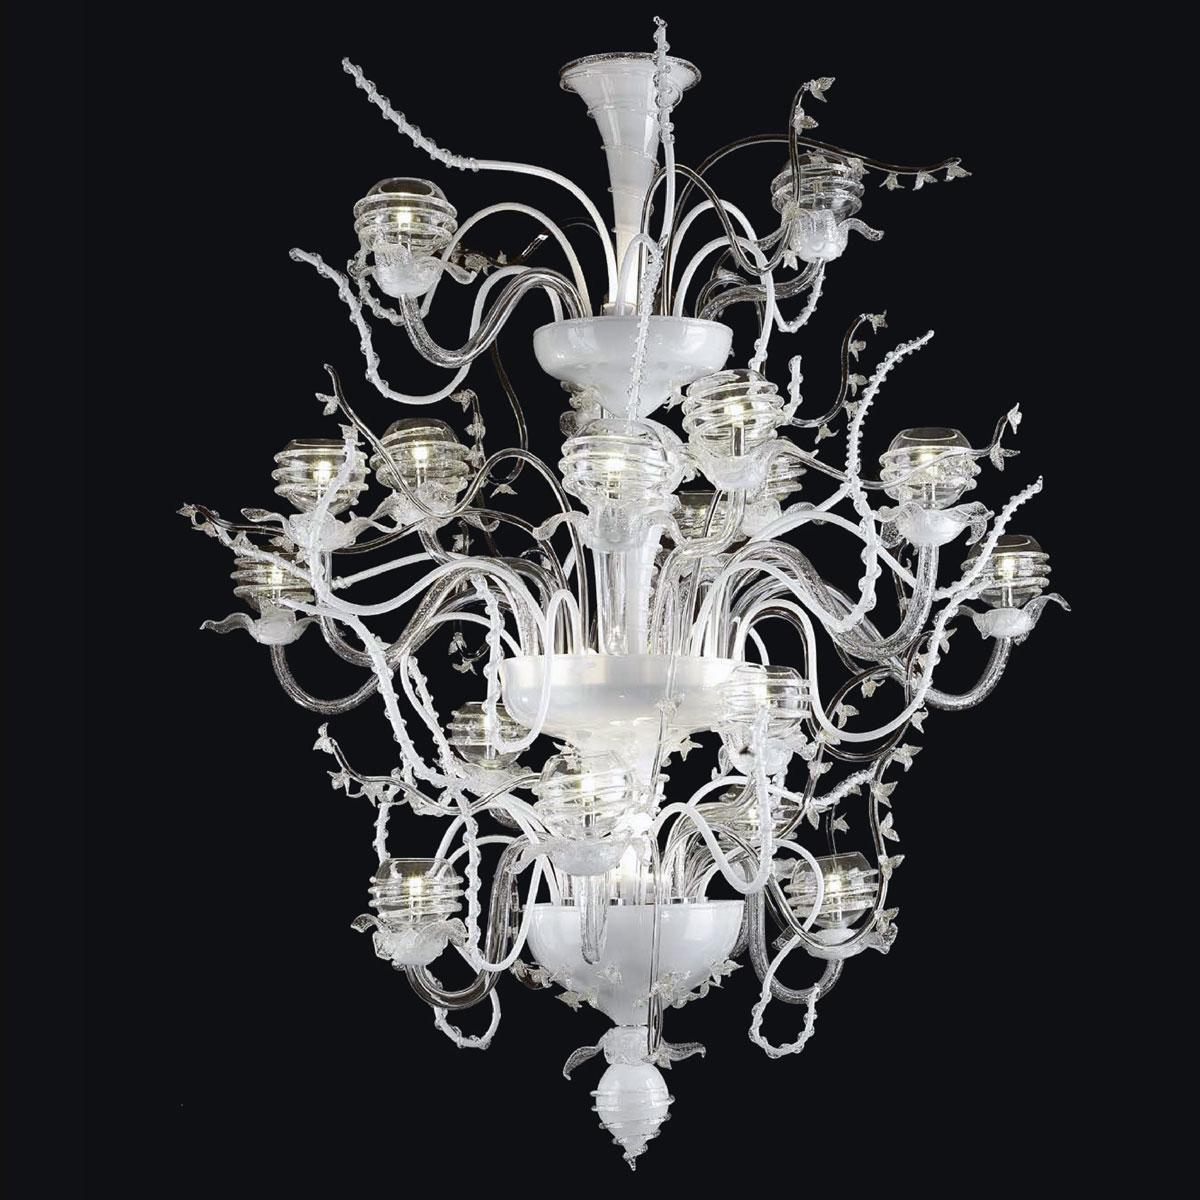 """""""Dakota"""" Murano glas Kronleuchter - 18+7 flammig - transparent, weiß und silber"""